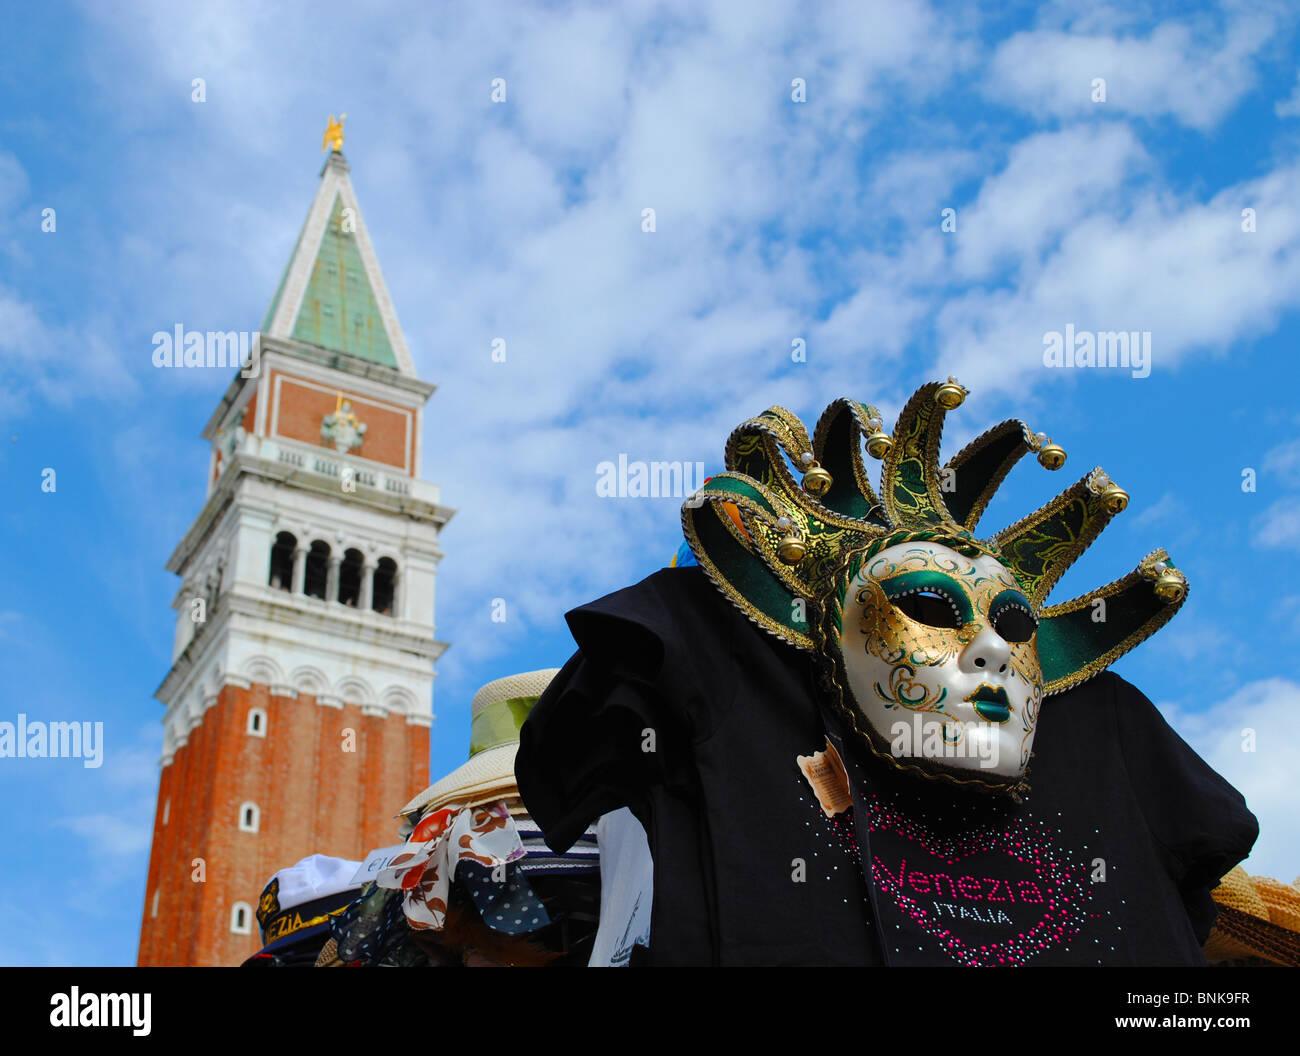 Maschera e Campanile di Piazza San Marco, Venezia, Italia Immagini Stock